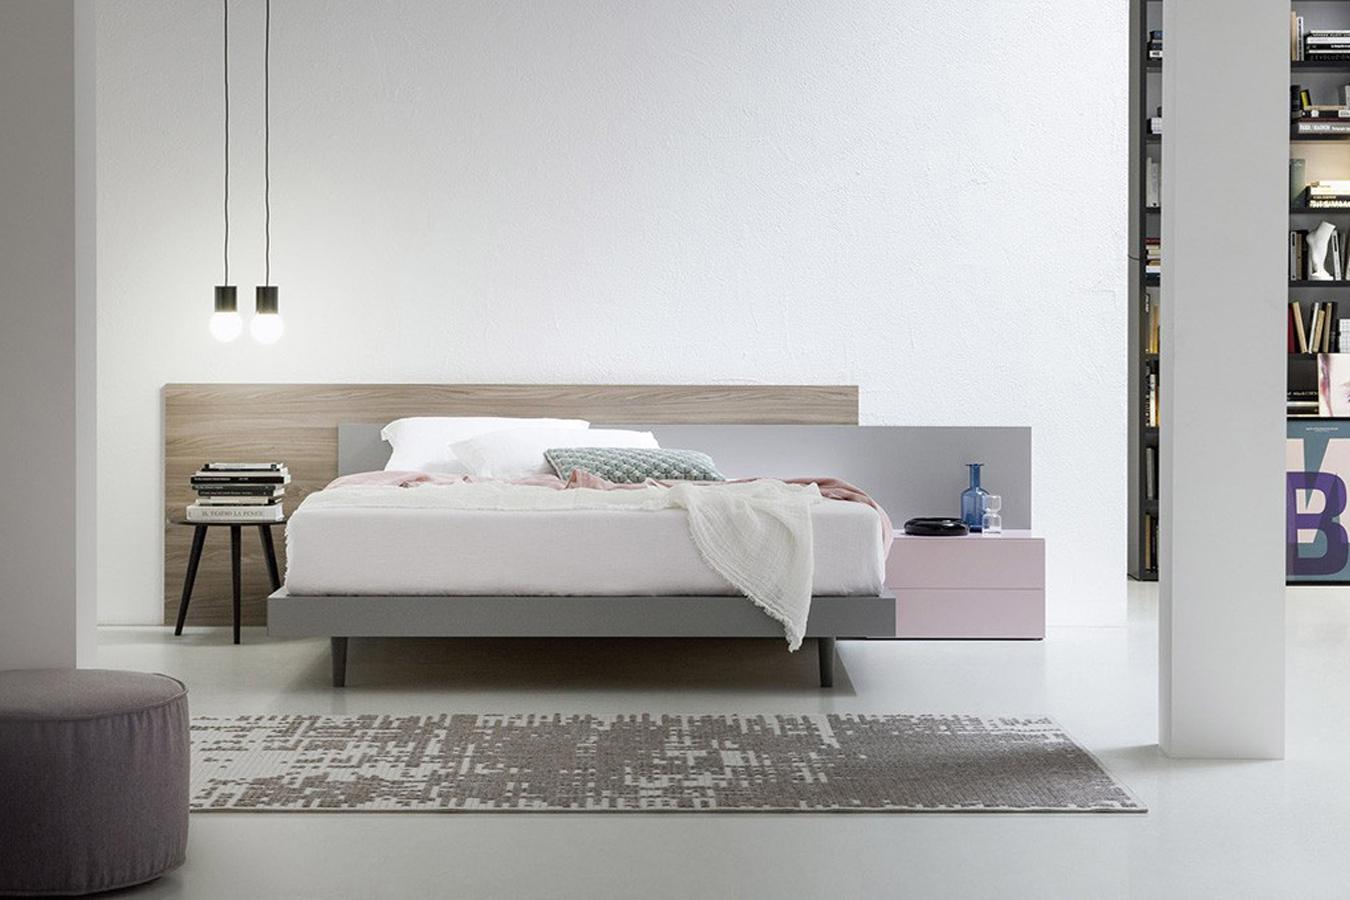 Boiserie per camera di pianca righetti mobili novara - Camera da letto con boiserie ...